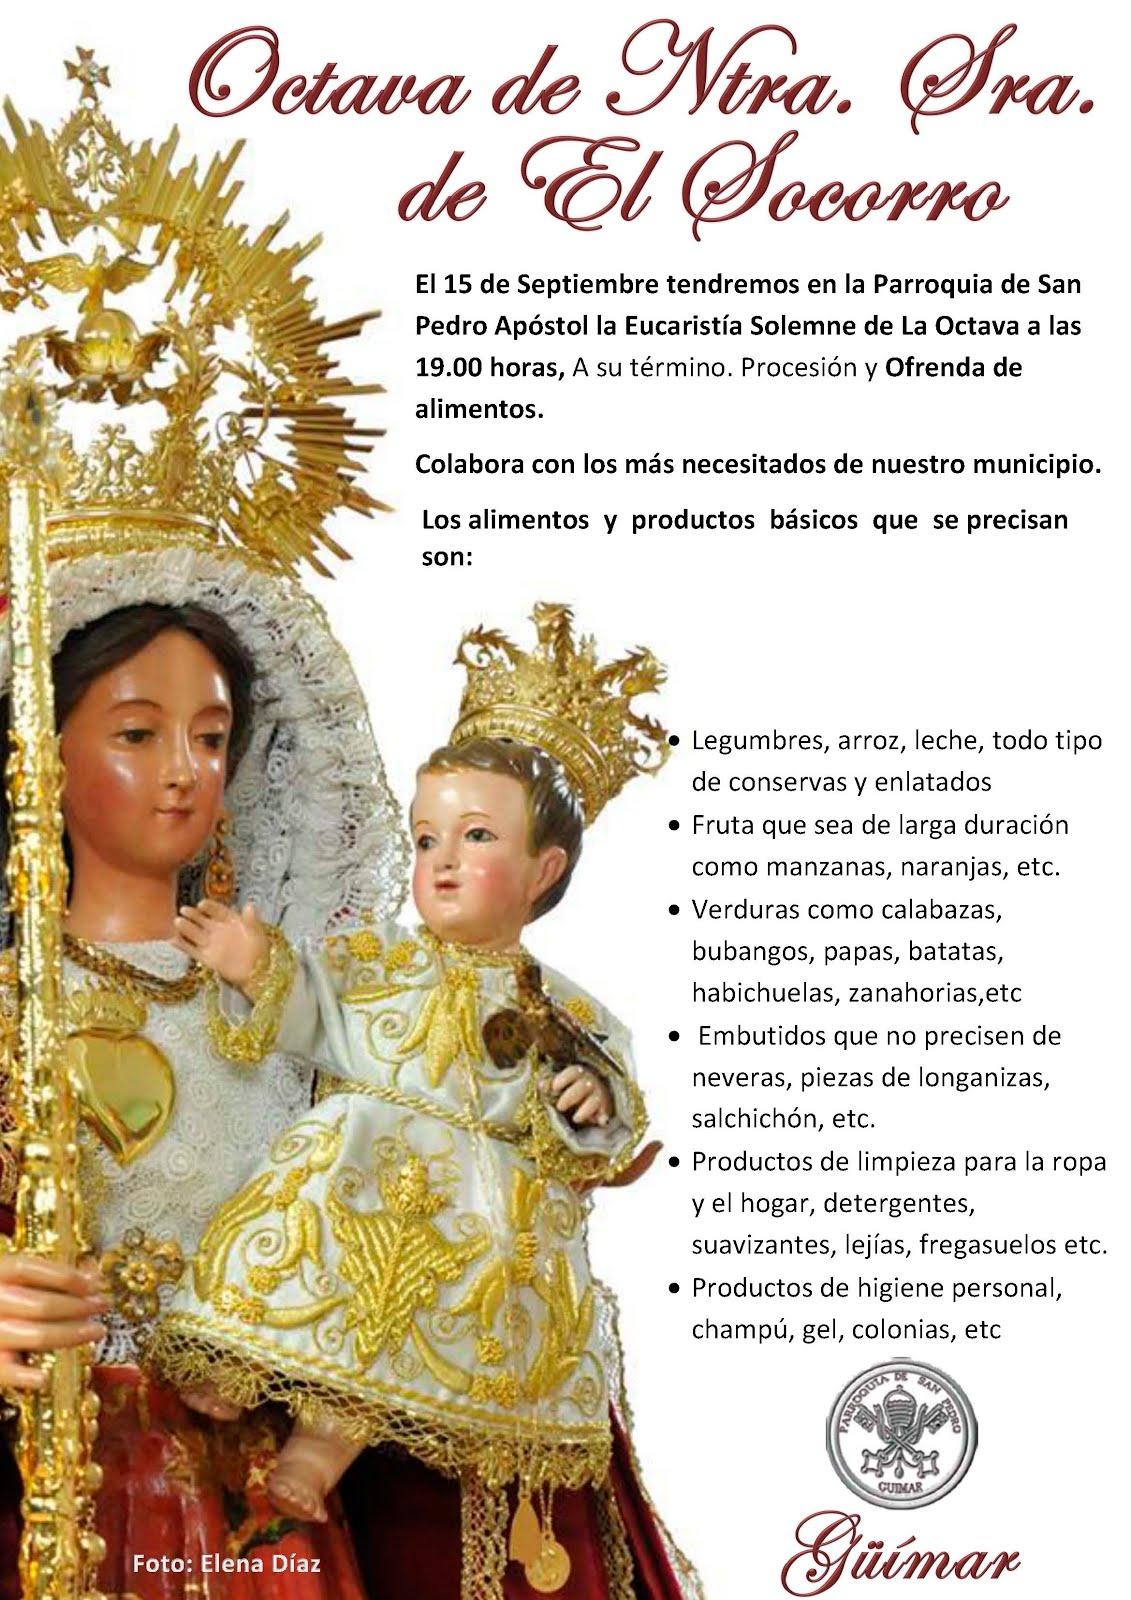 Ofrenda de alimentos en honor a Nuestra Señora de El Socorro. Septiembre 2016. Pincha en el cartel